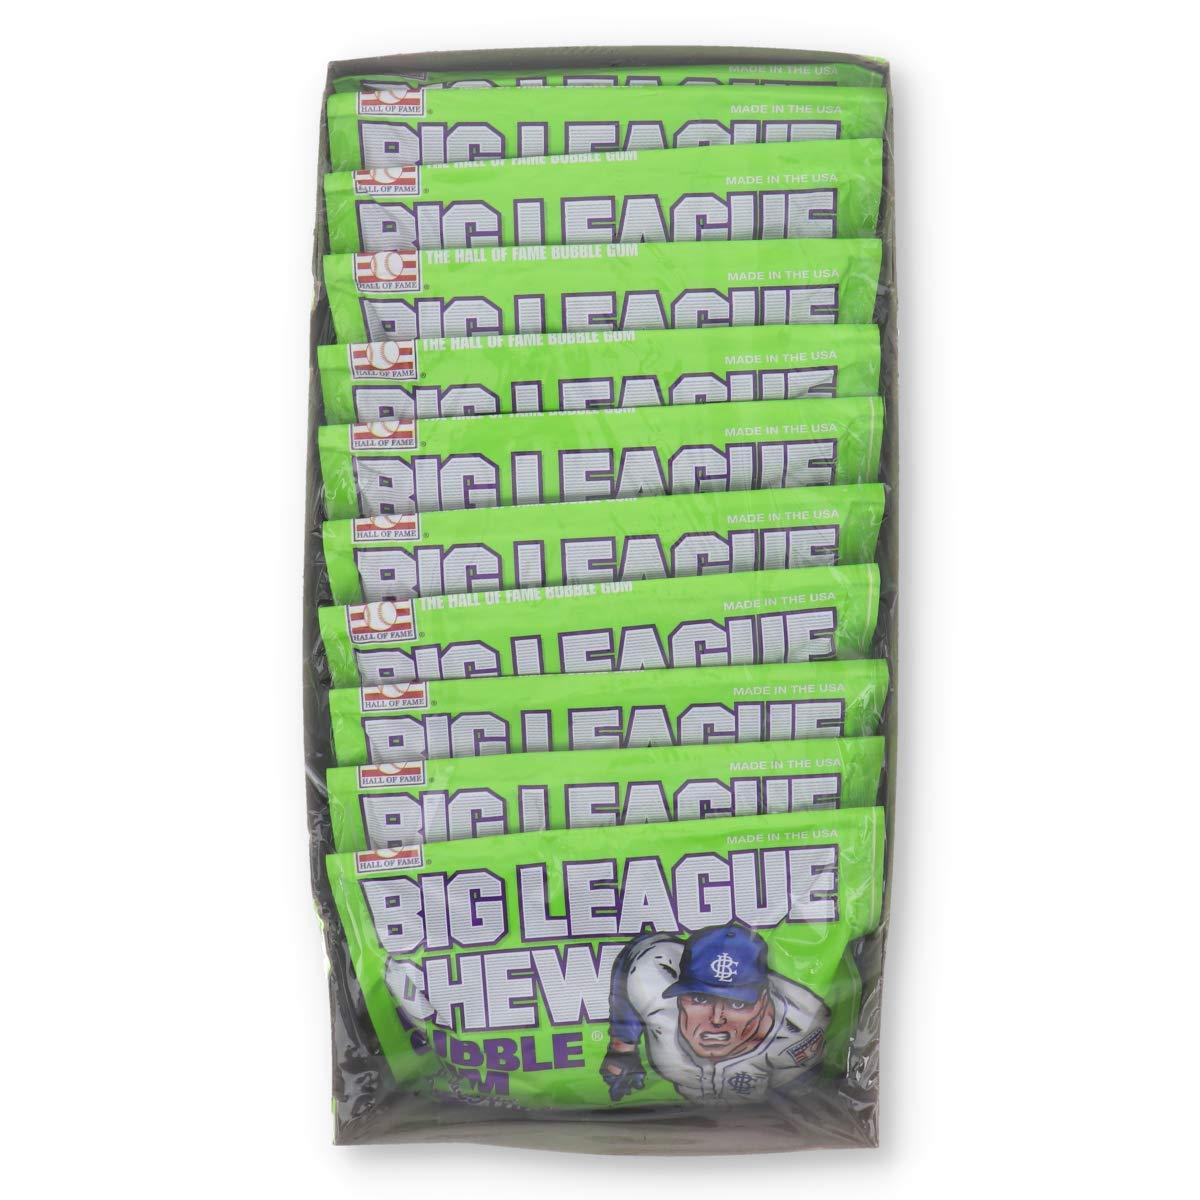 Big League Chew Sour Apple, 12 Count (GUM - BIG SIZE/PLENTY PACK)